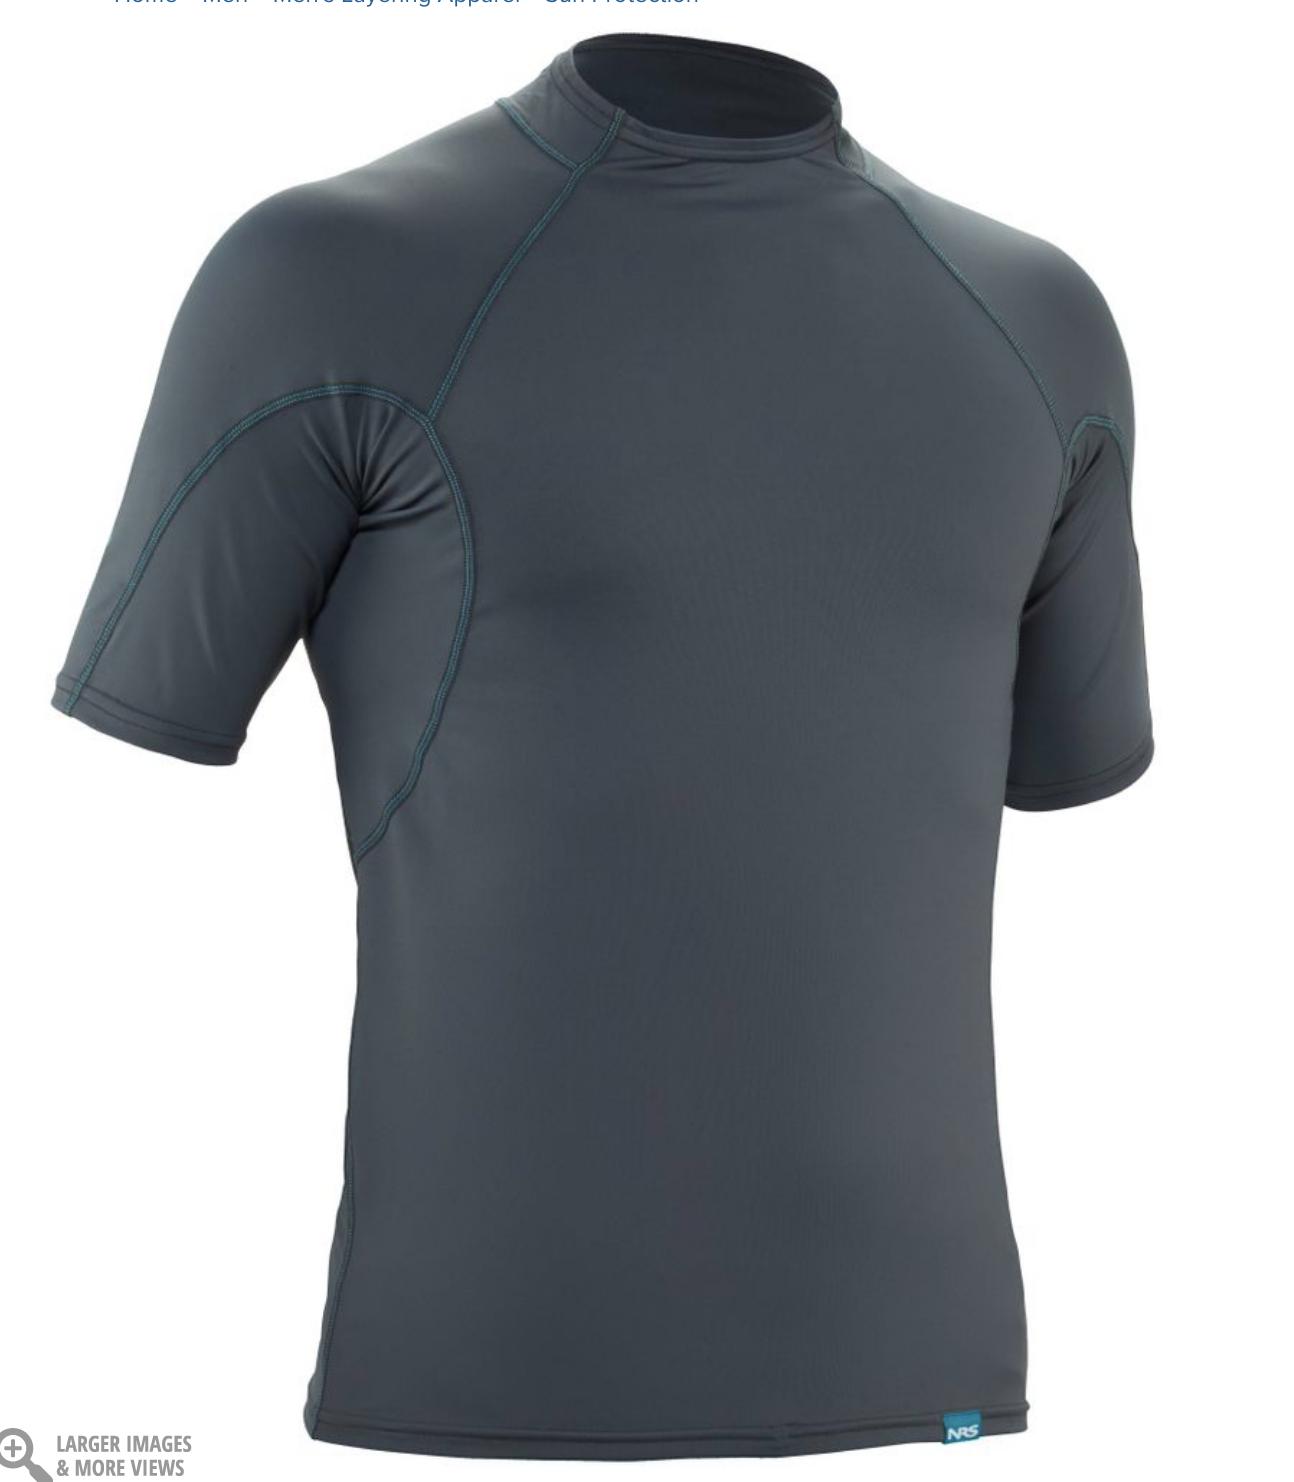 NRS Men's H2Core Rashguard Short Sleeve